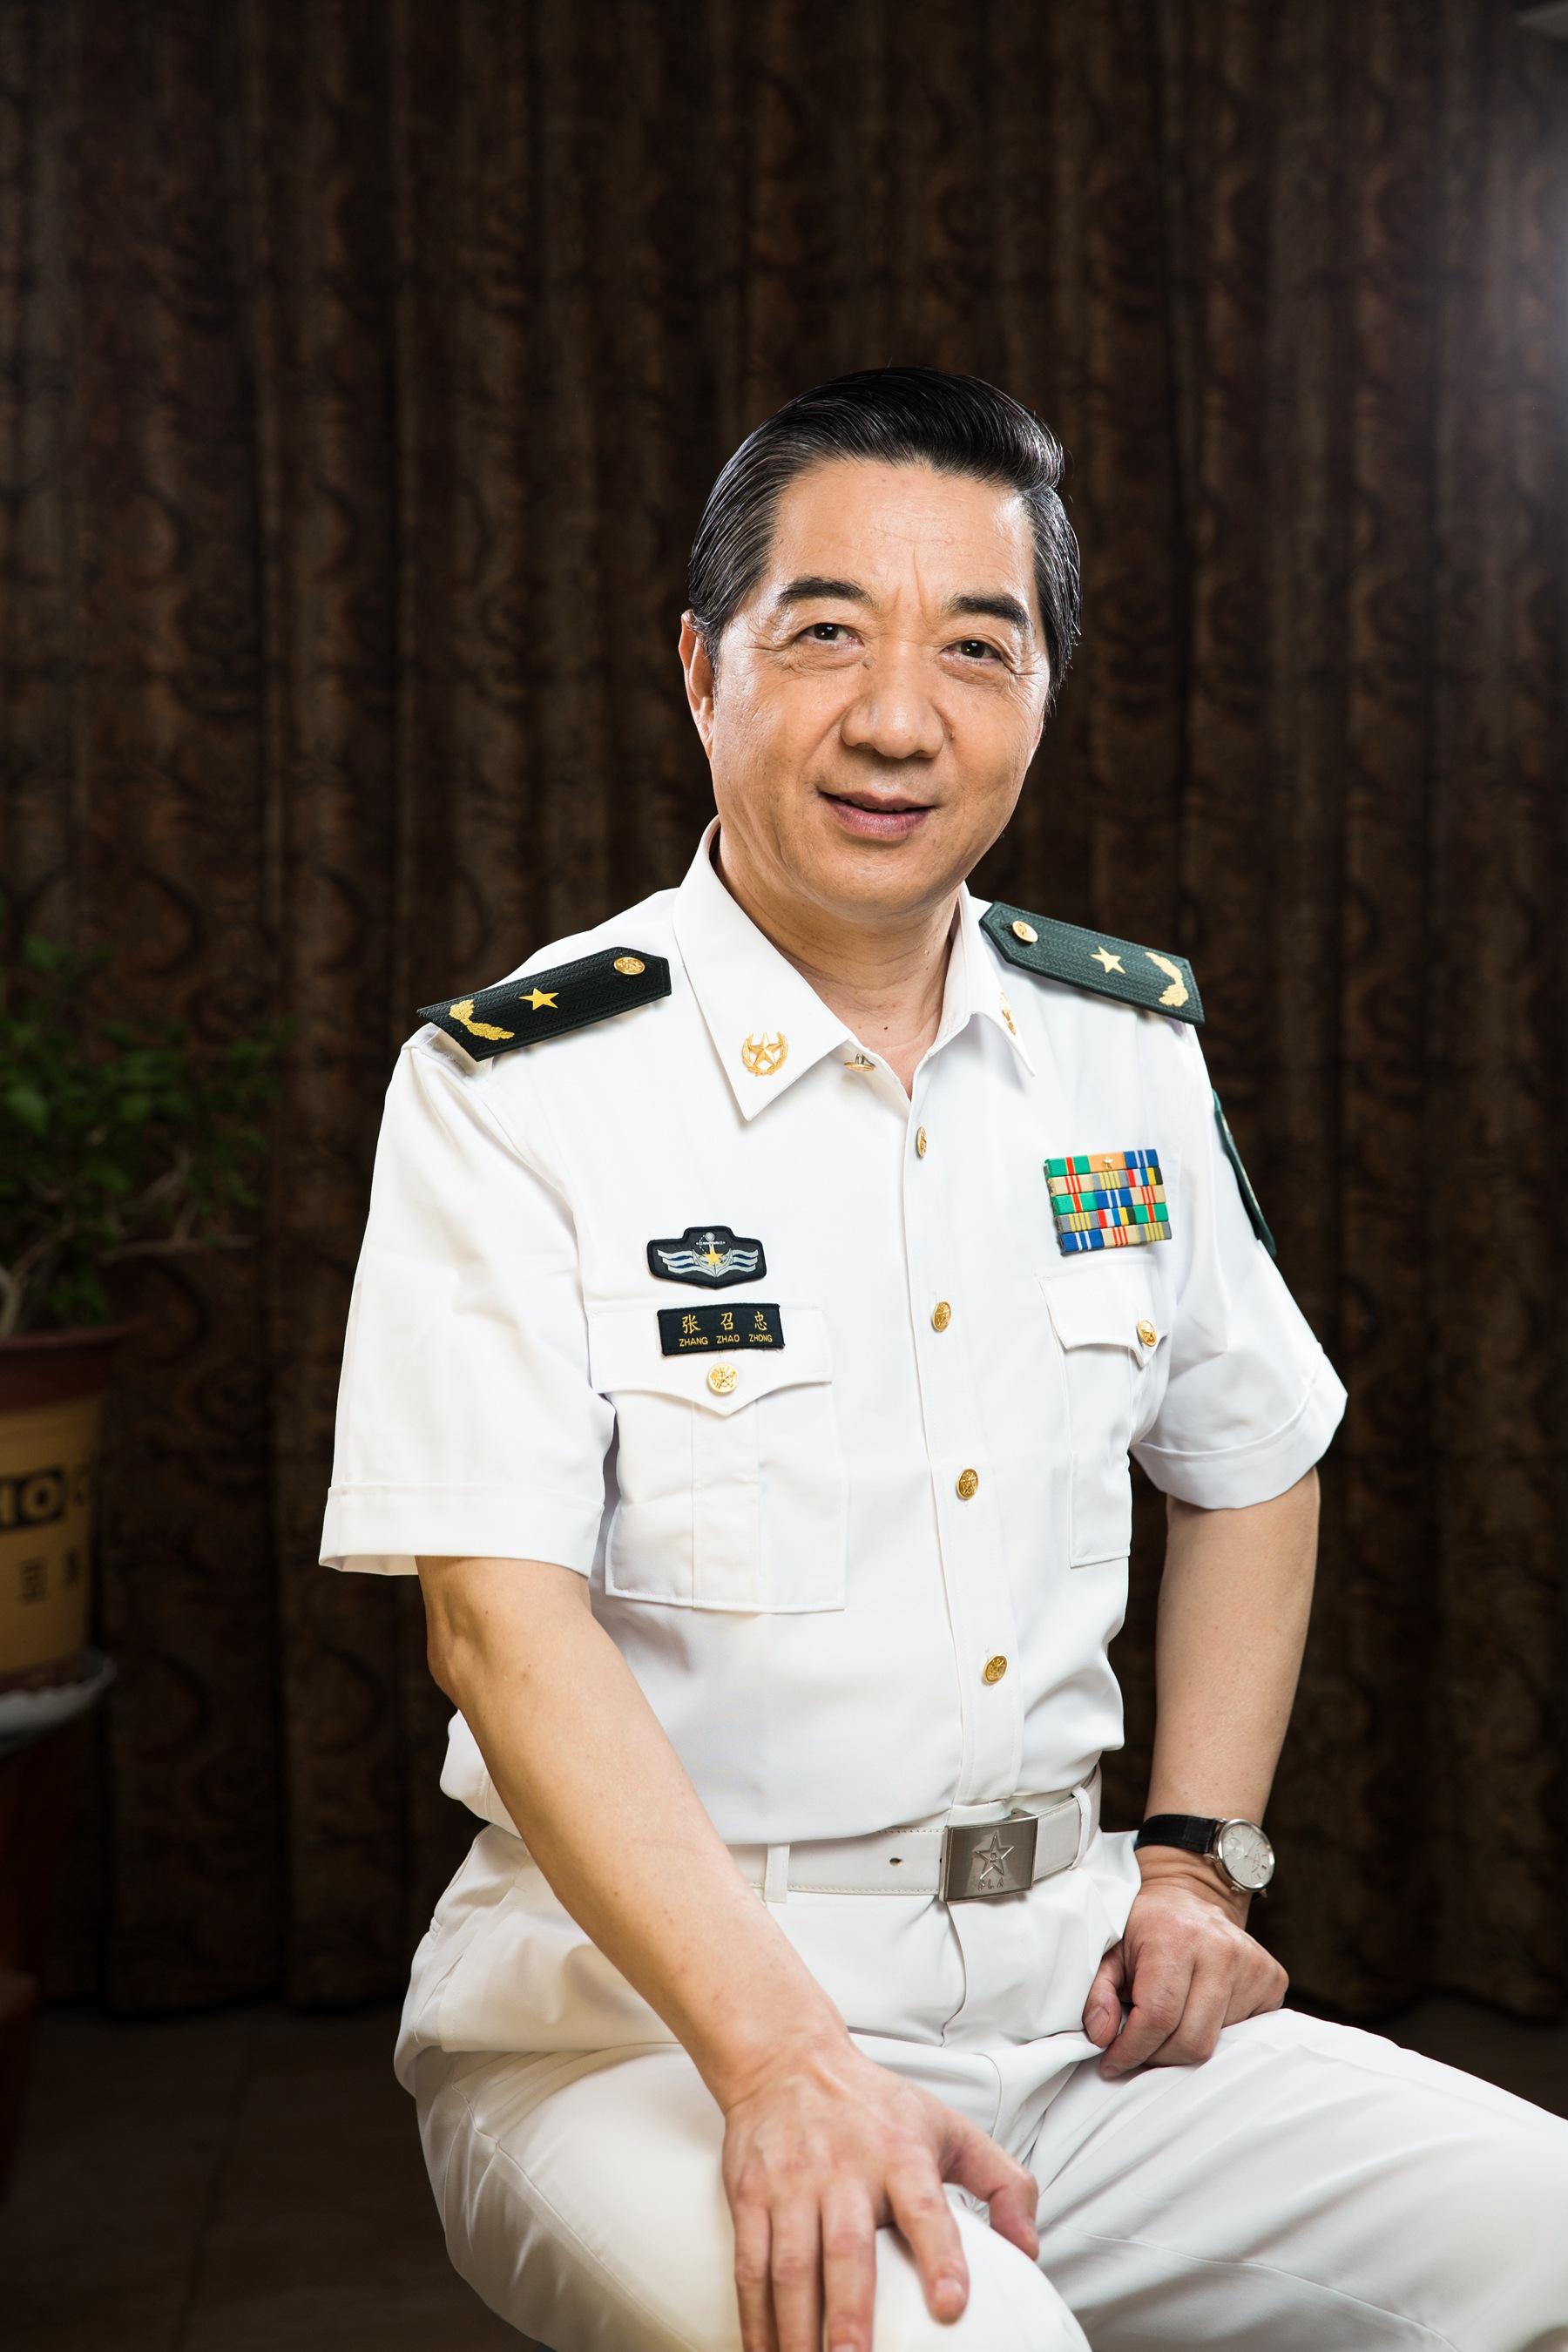 军事资讯_张召忠:现在的年轻人,是中国历史上最幸运的一代人_凤凰读书